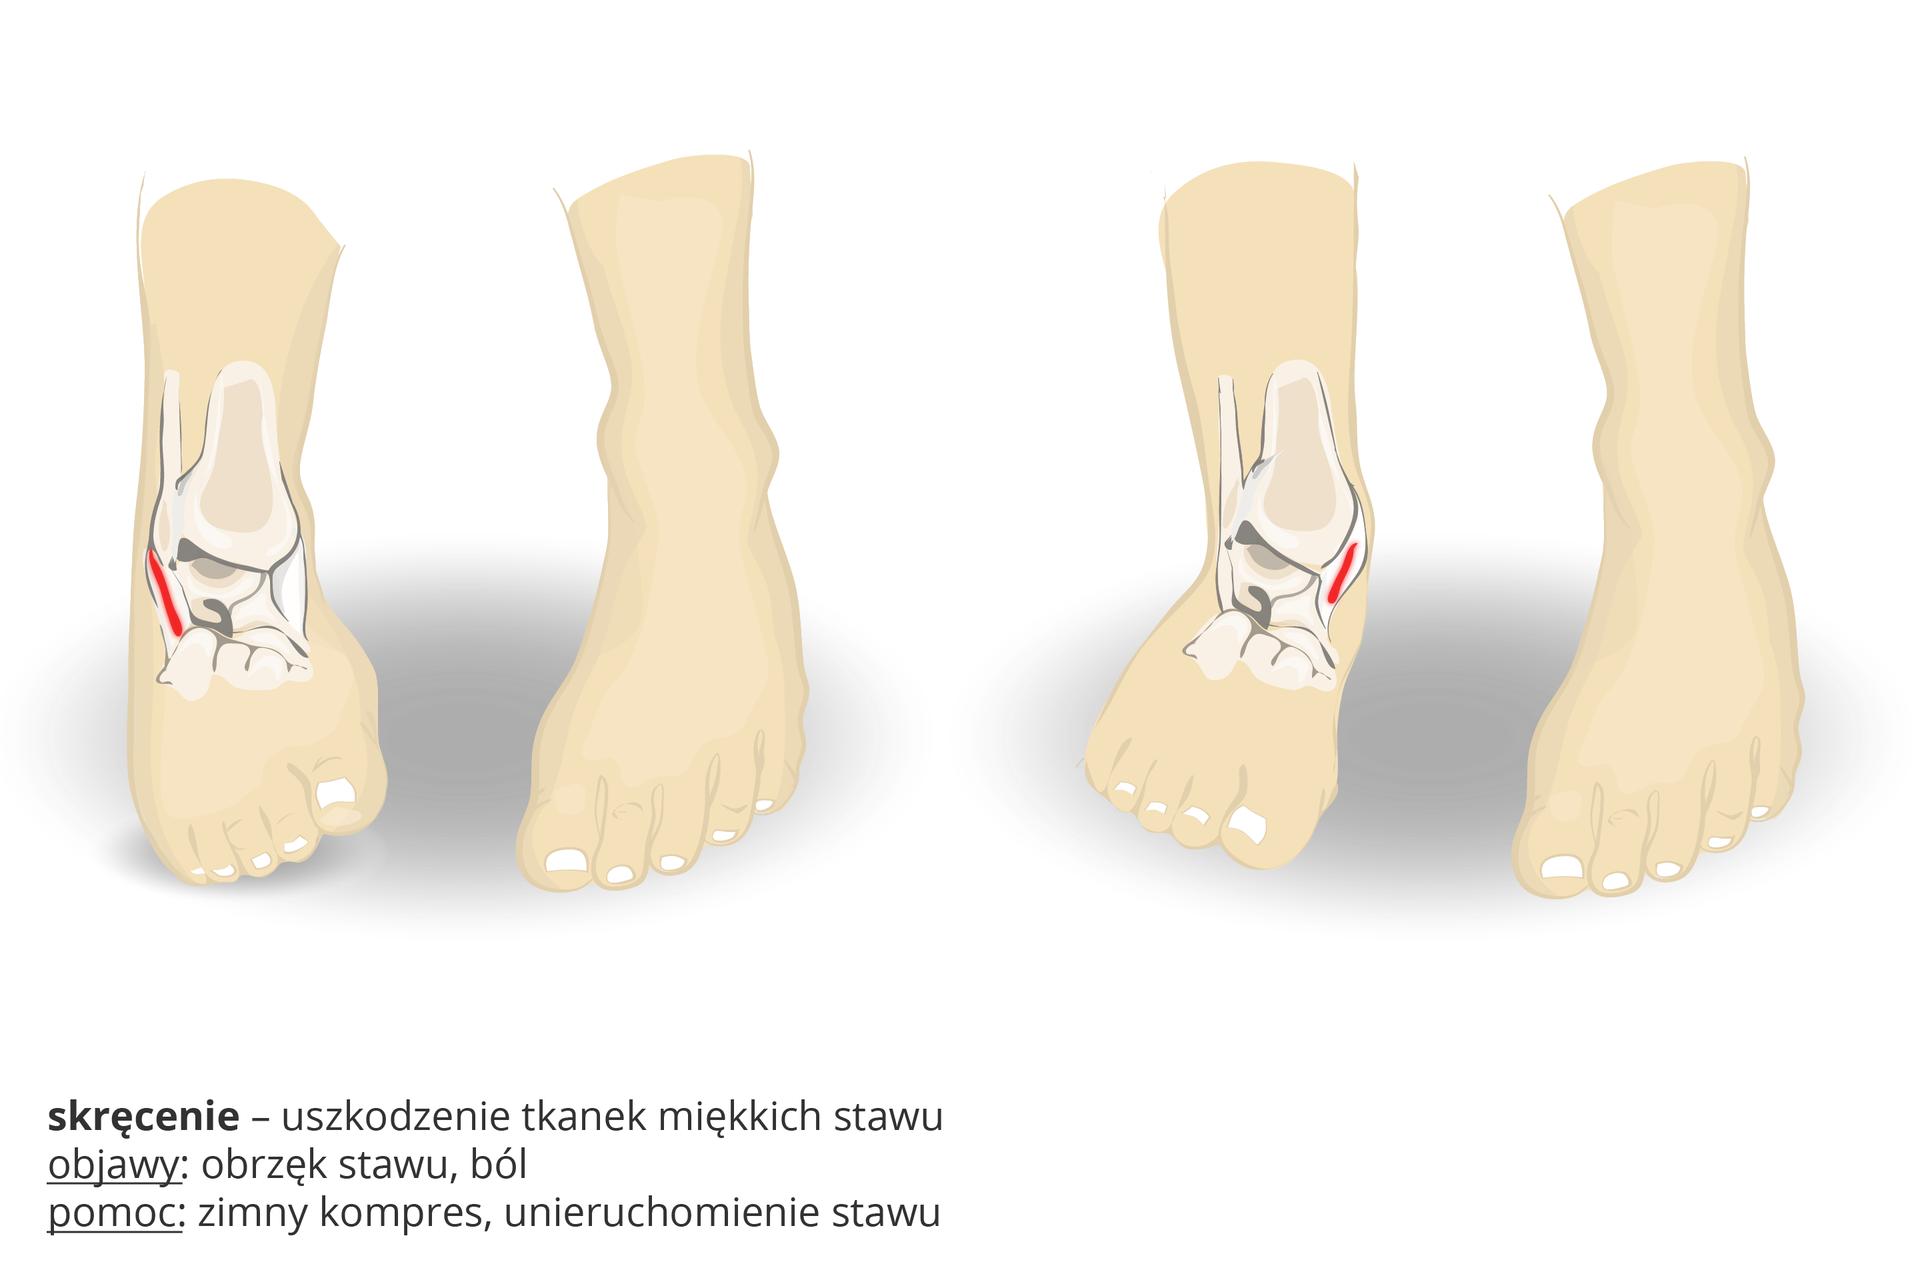 Ilustracja przedstawia dwie pary stóp, zwrysowanymi wjednej kośćmi istawem skokowym. Czerwone kreski wskazują miejsce urazu: skręcenia, czyli uszkodzenia tkanek miękkich stawu. Objawy: obrzęk stawu, ból. Pomoc: zimny kompres, unieruchomienie stawu.